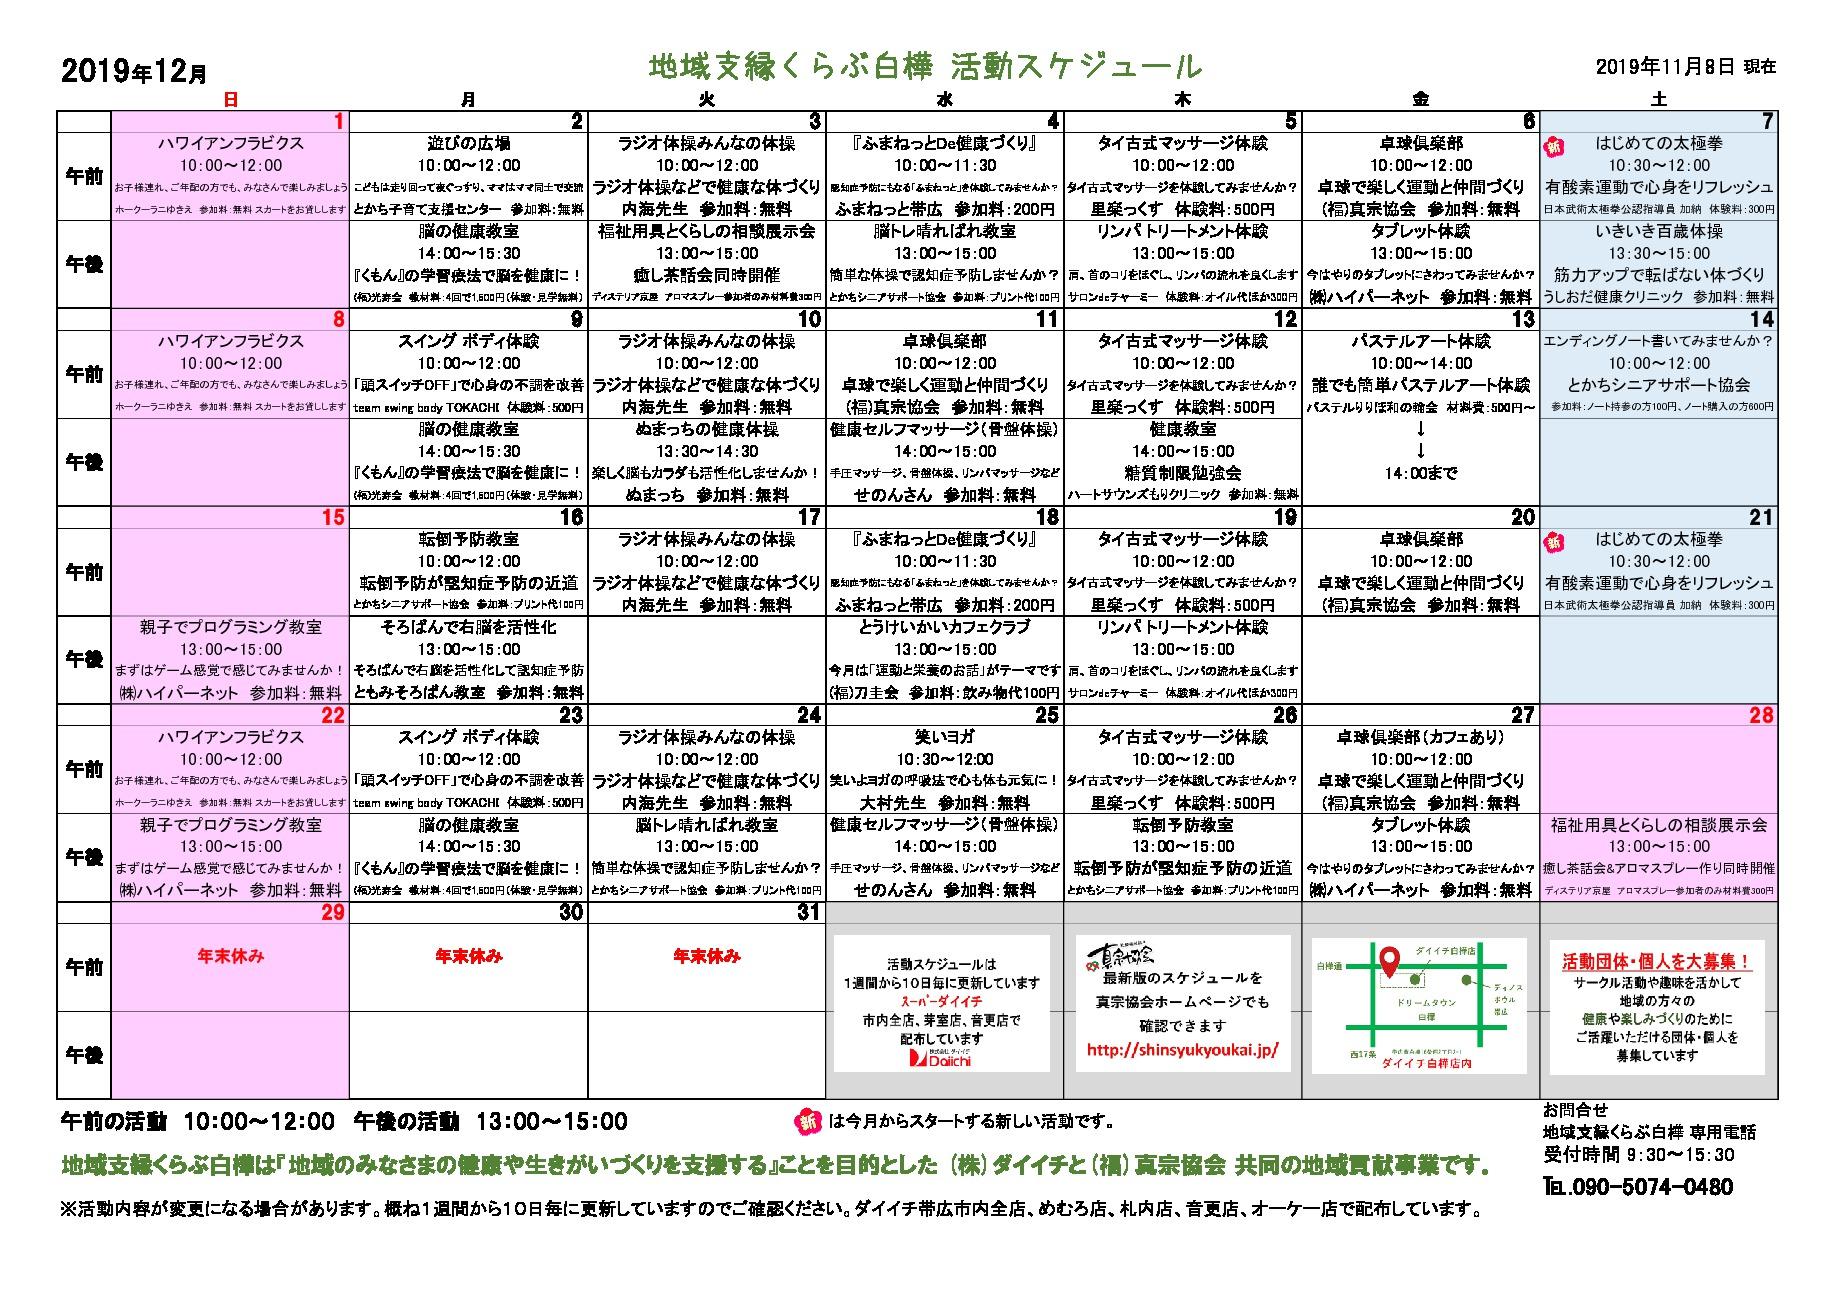 2019活動スケジュール12(2019.11.8付)のサムネイル